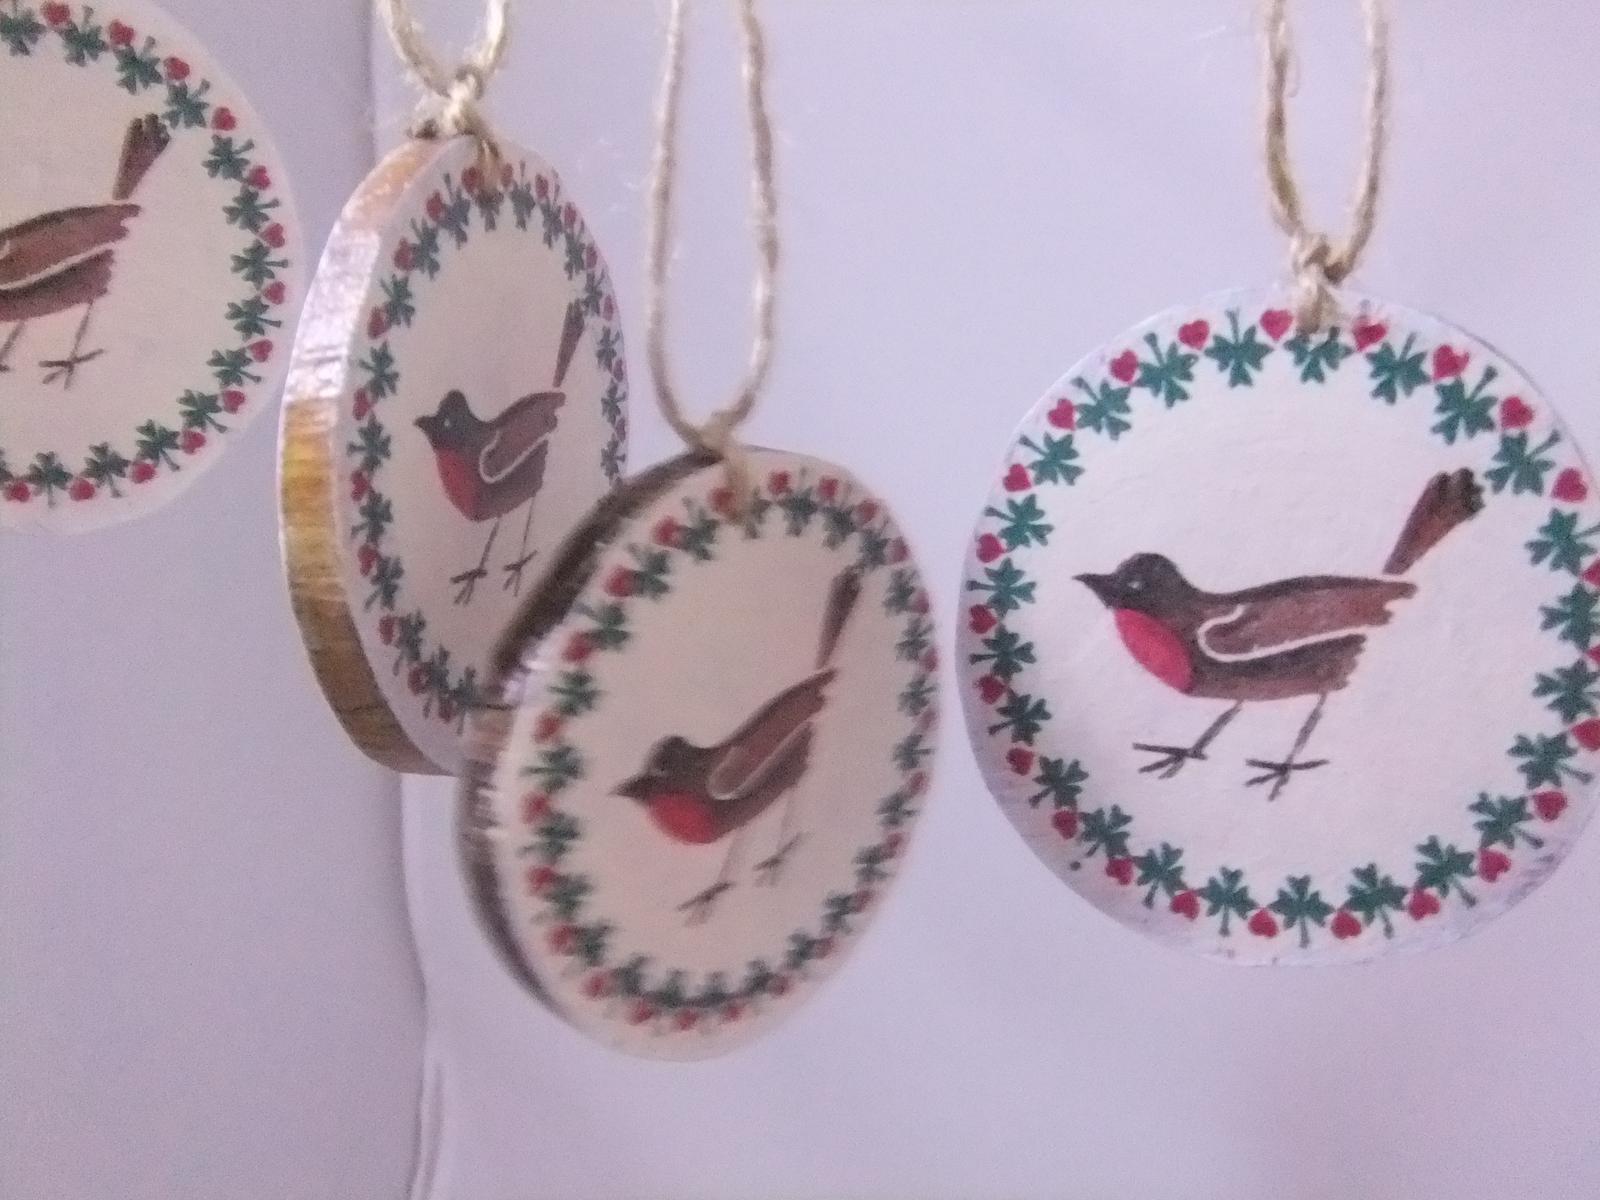 Prírodná dekorácia vtáčiky,sada 5ks s poštou - Obrázok č. 4